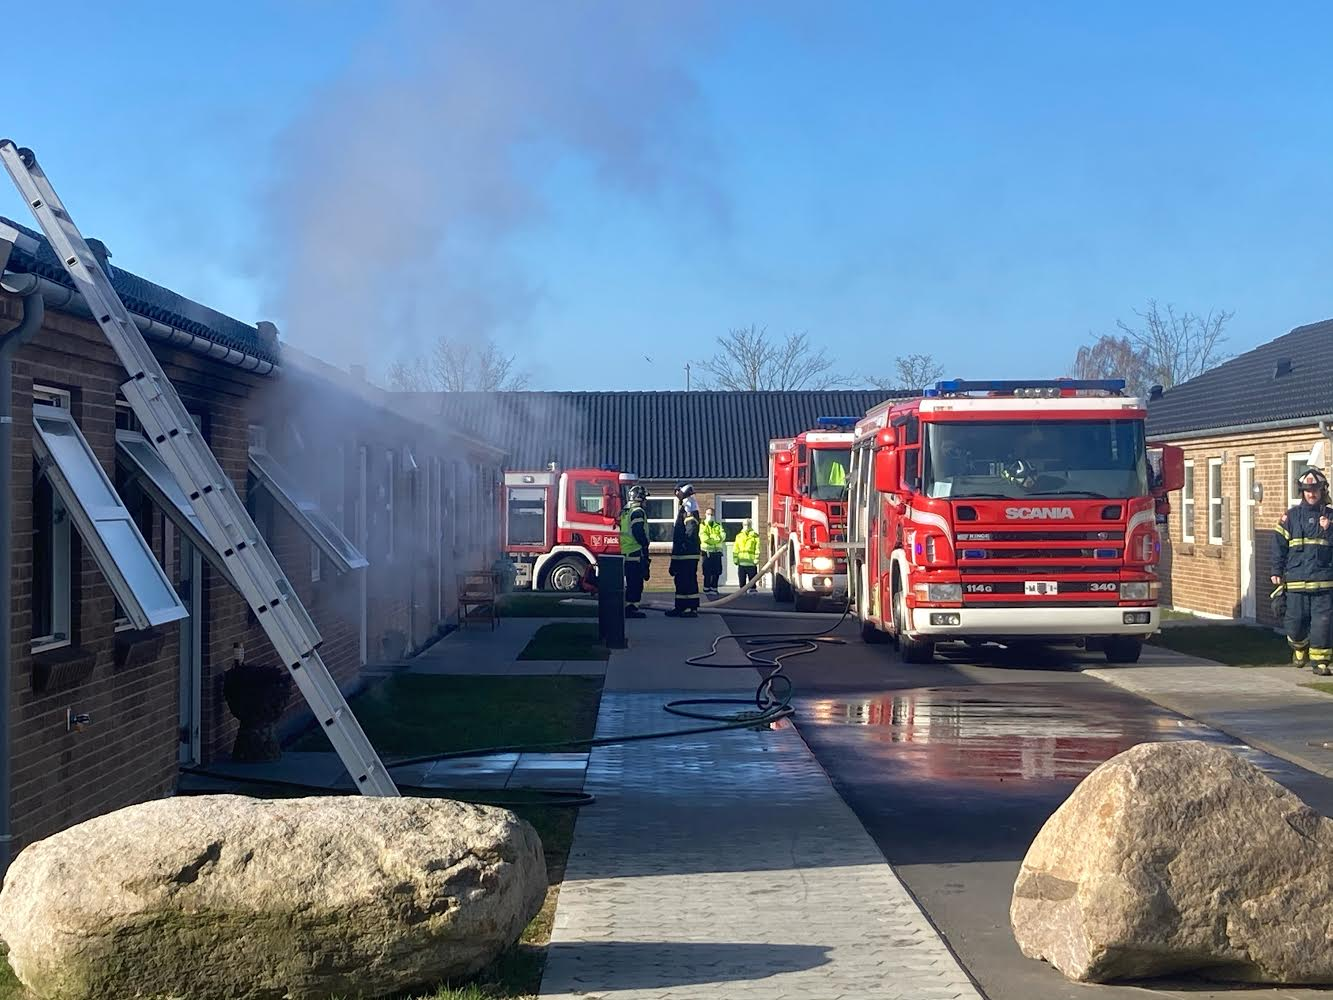 Rækkehusbrand i Rønne